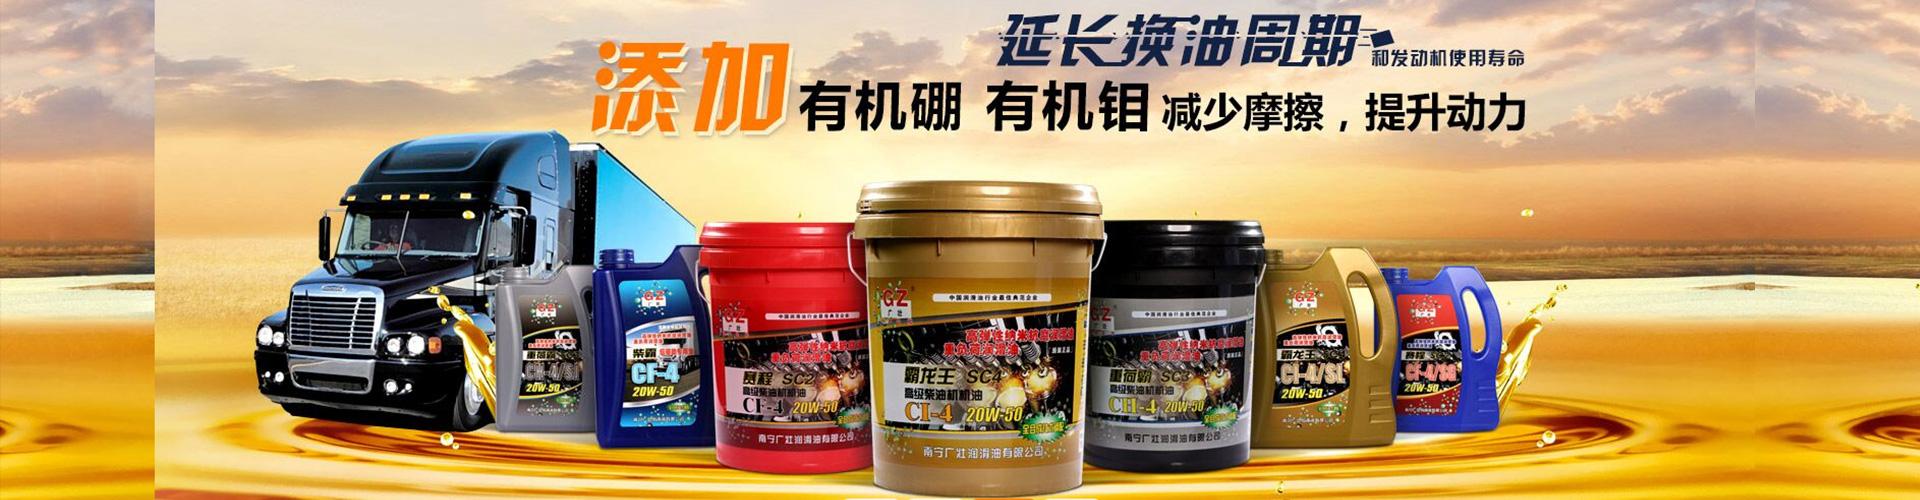 廣西車用潤滑油,廣東車用潤滑油銷售,廣州工業潤滑油價格,湖南潤滑油哪家好